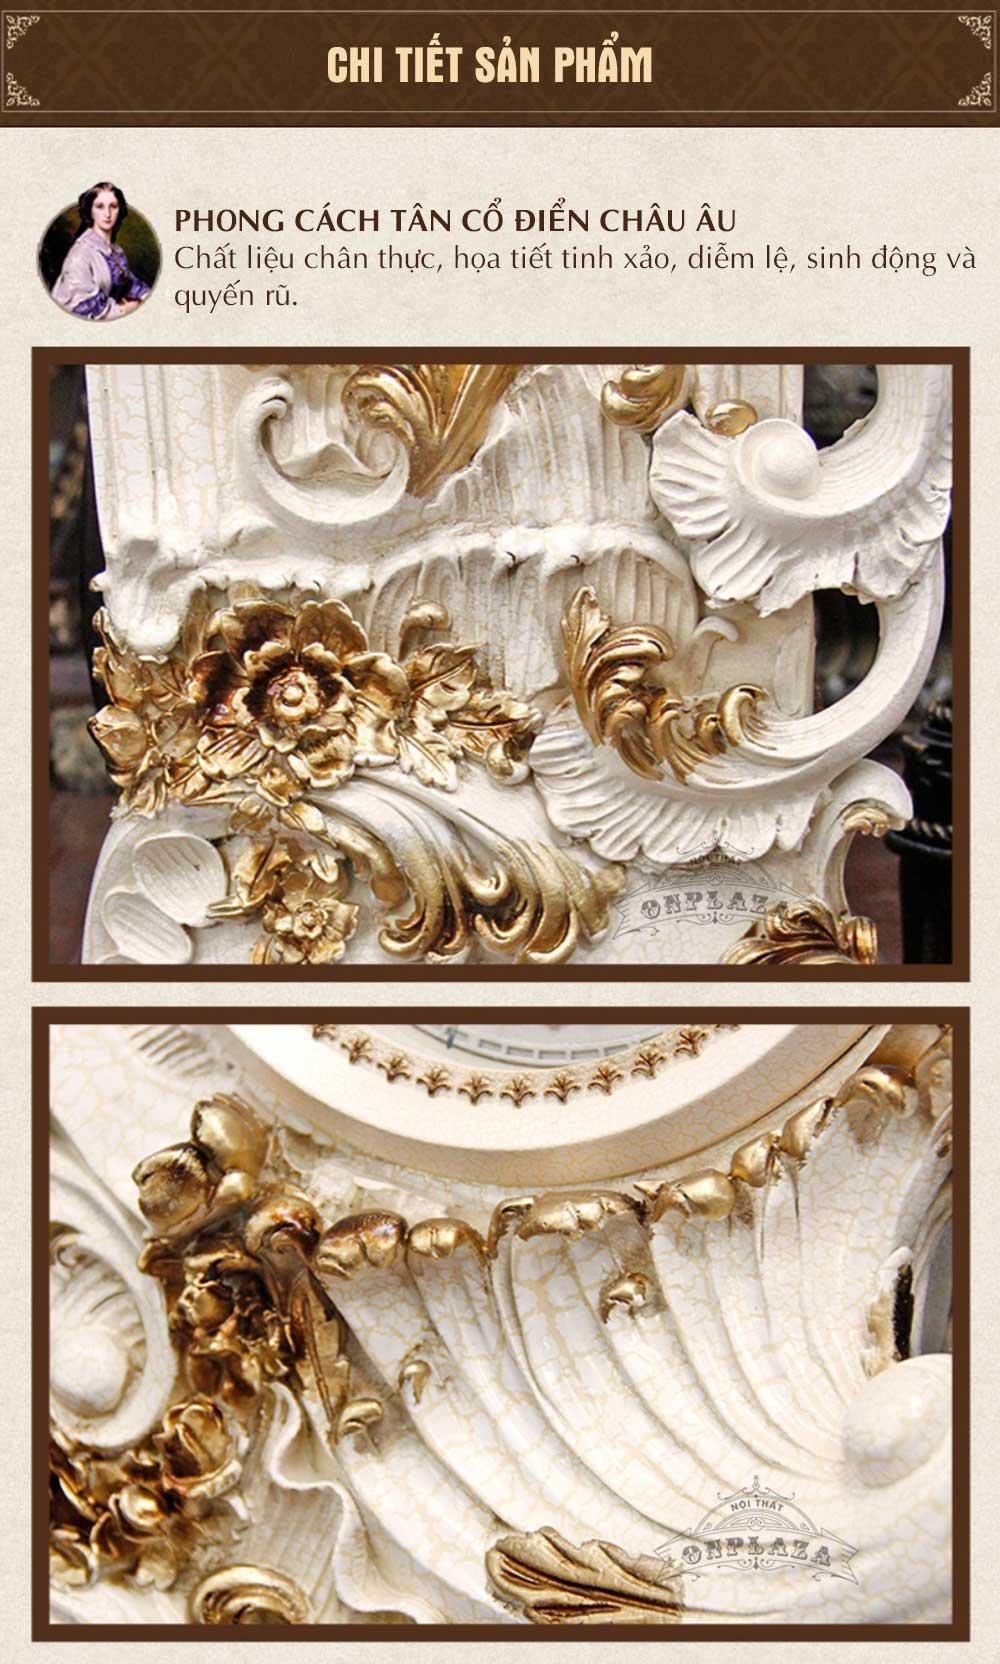 Đồng hồ cây DH07 tân cổ điển phong cách châu Âu